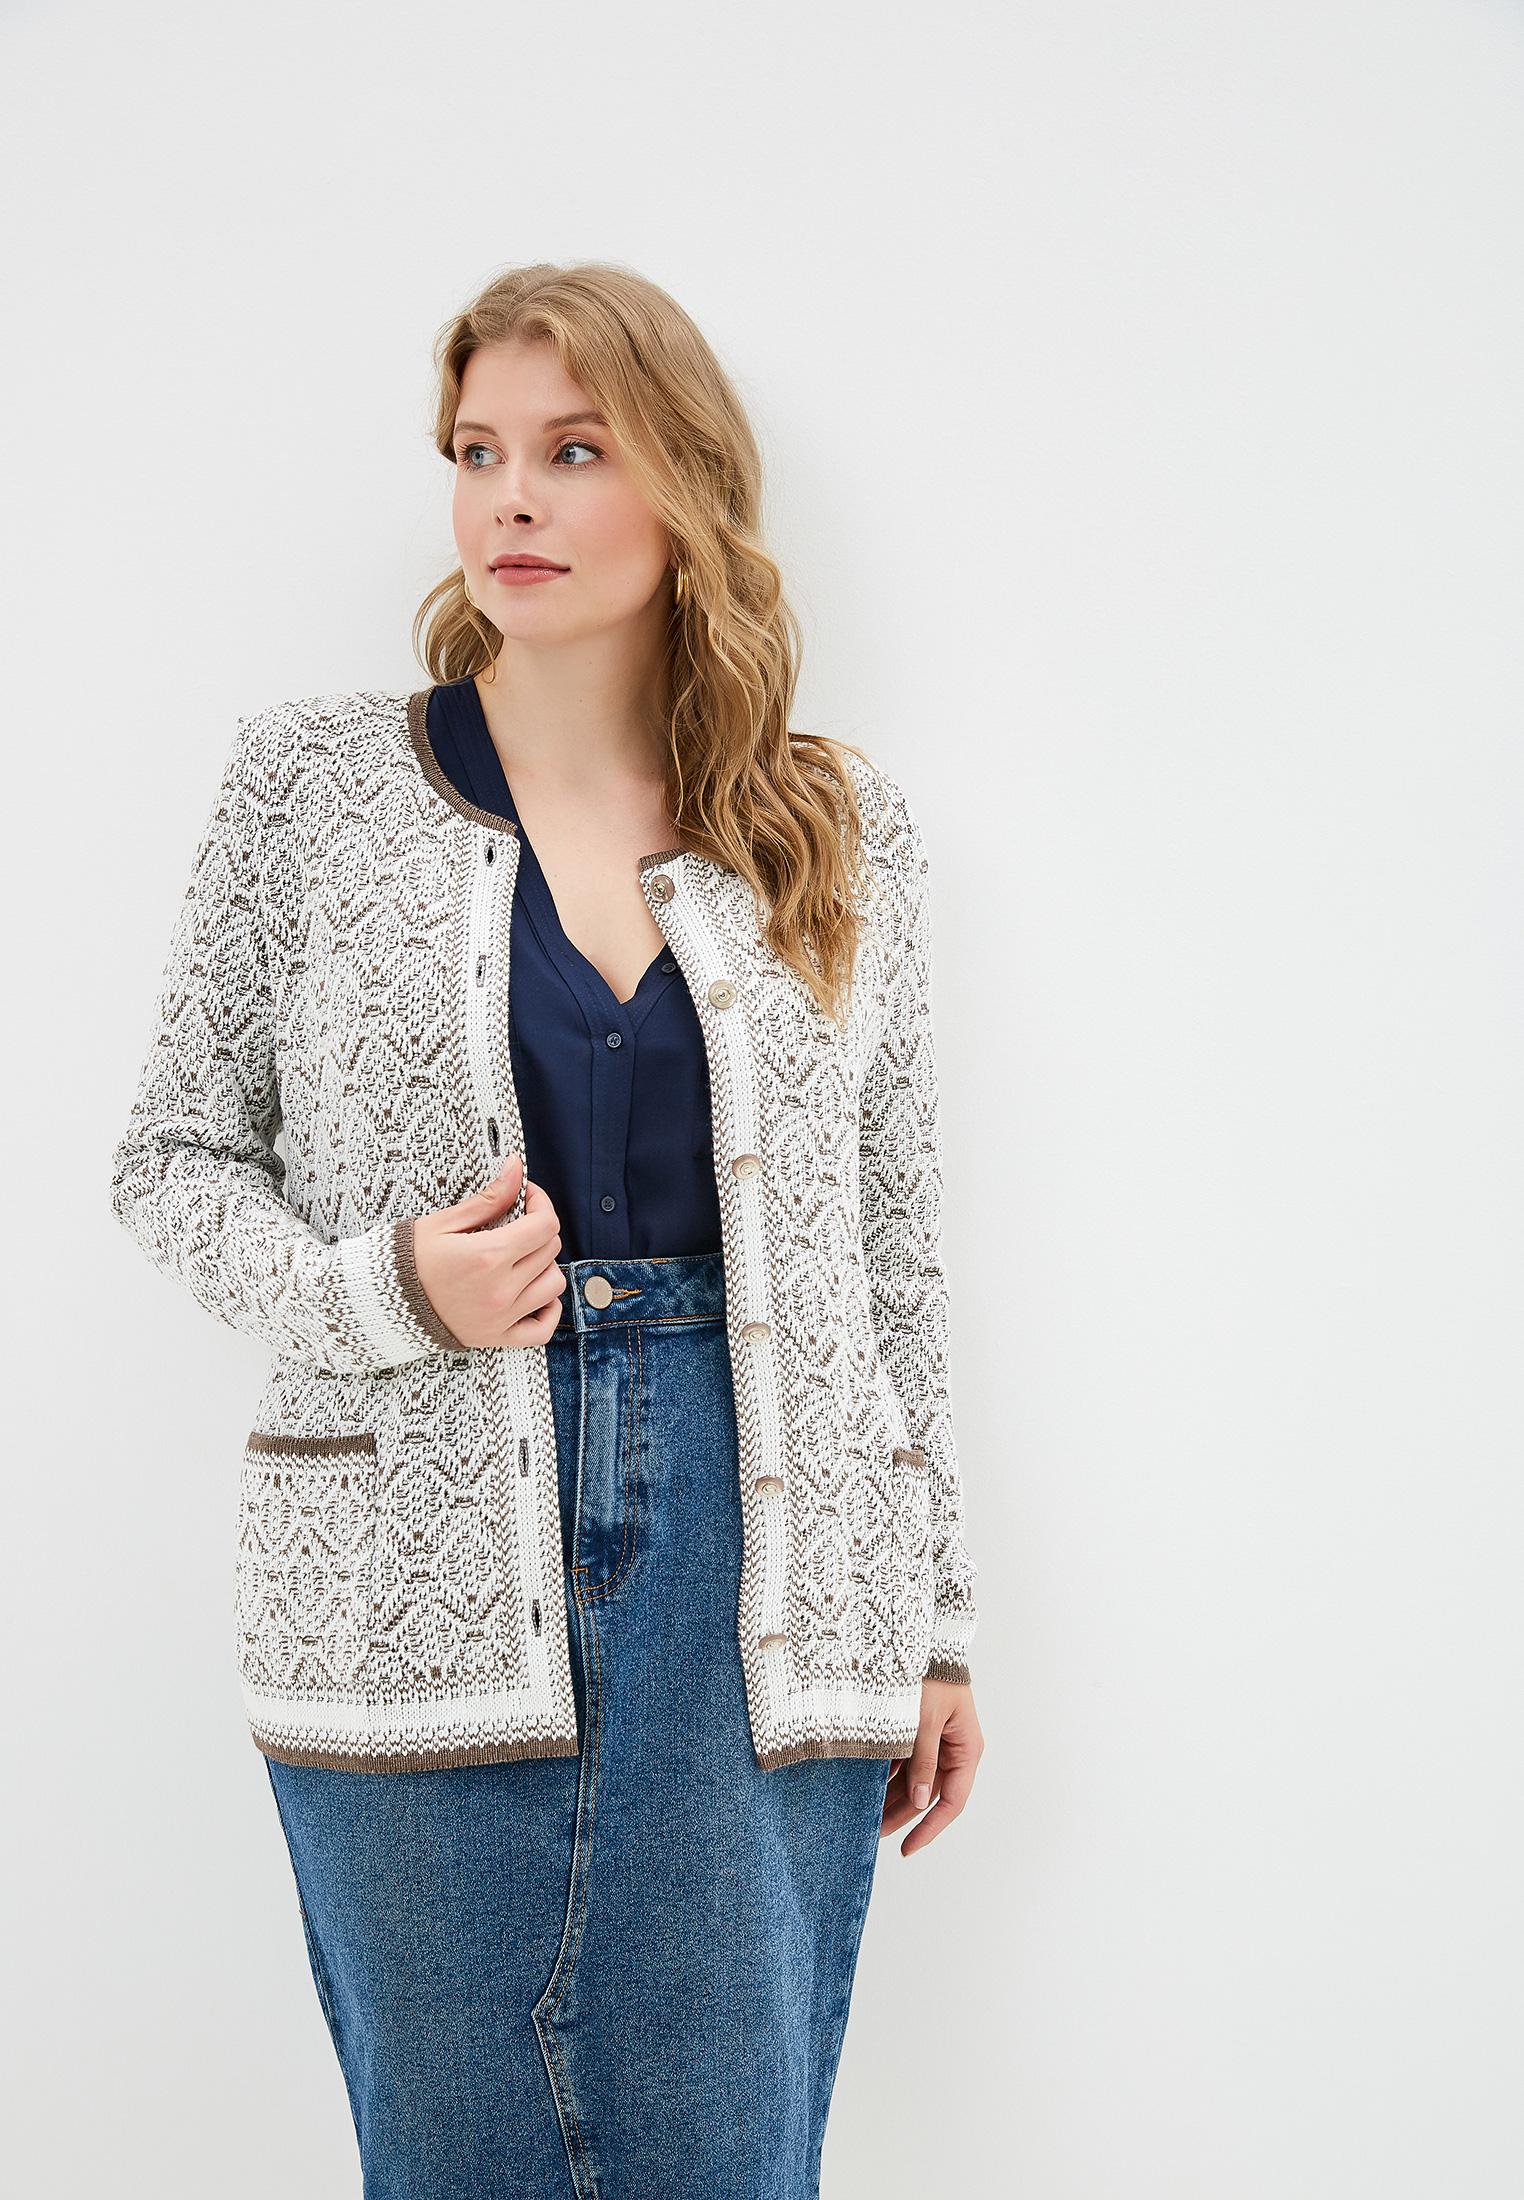 Кардиган, Milana Style, цвет: бежевый. Артикул: MI038EWGBAW1. Одежда / Джемперы, свитеры и кардиганы